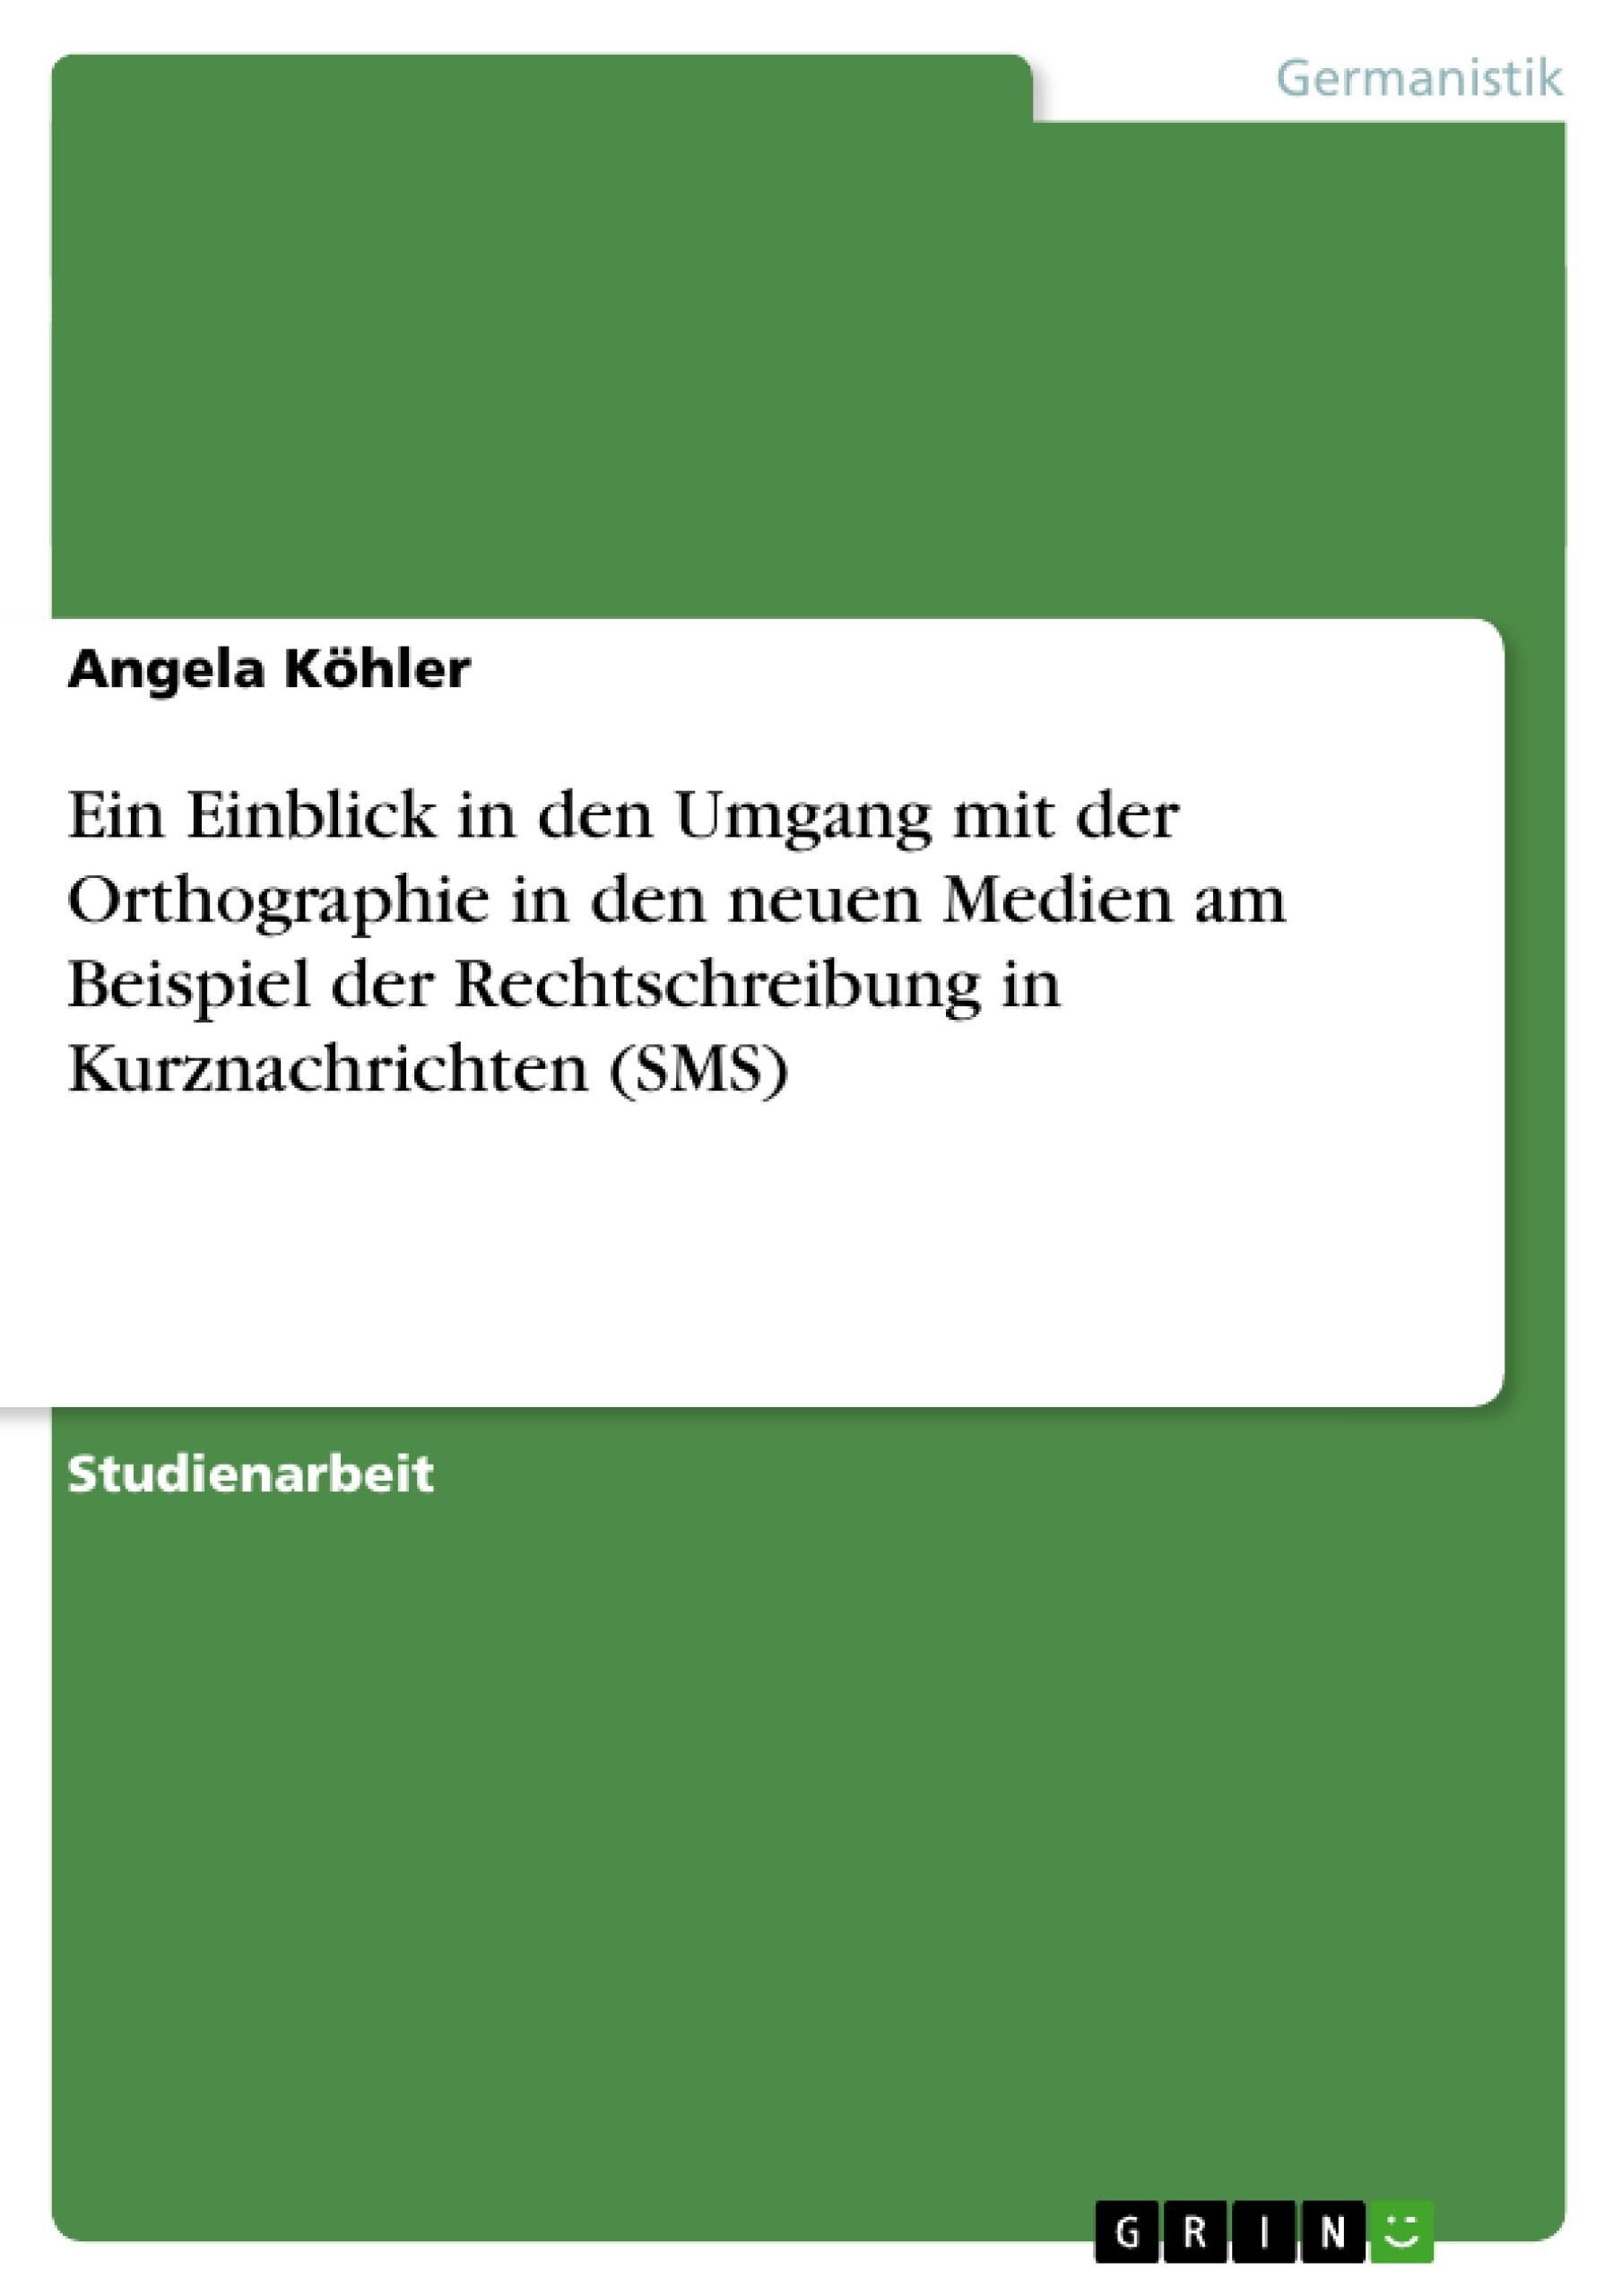 Titel: Ein Einblick in den Umgang mit der Orthographie in den neuen Medien am Beispiel  der Rechtschreibung in Kurznachrichten (SMS)